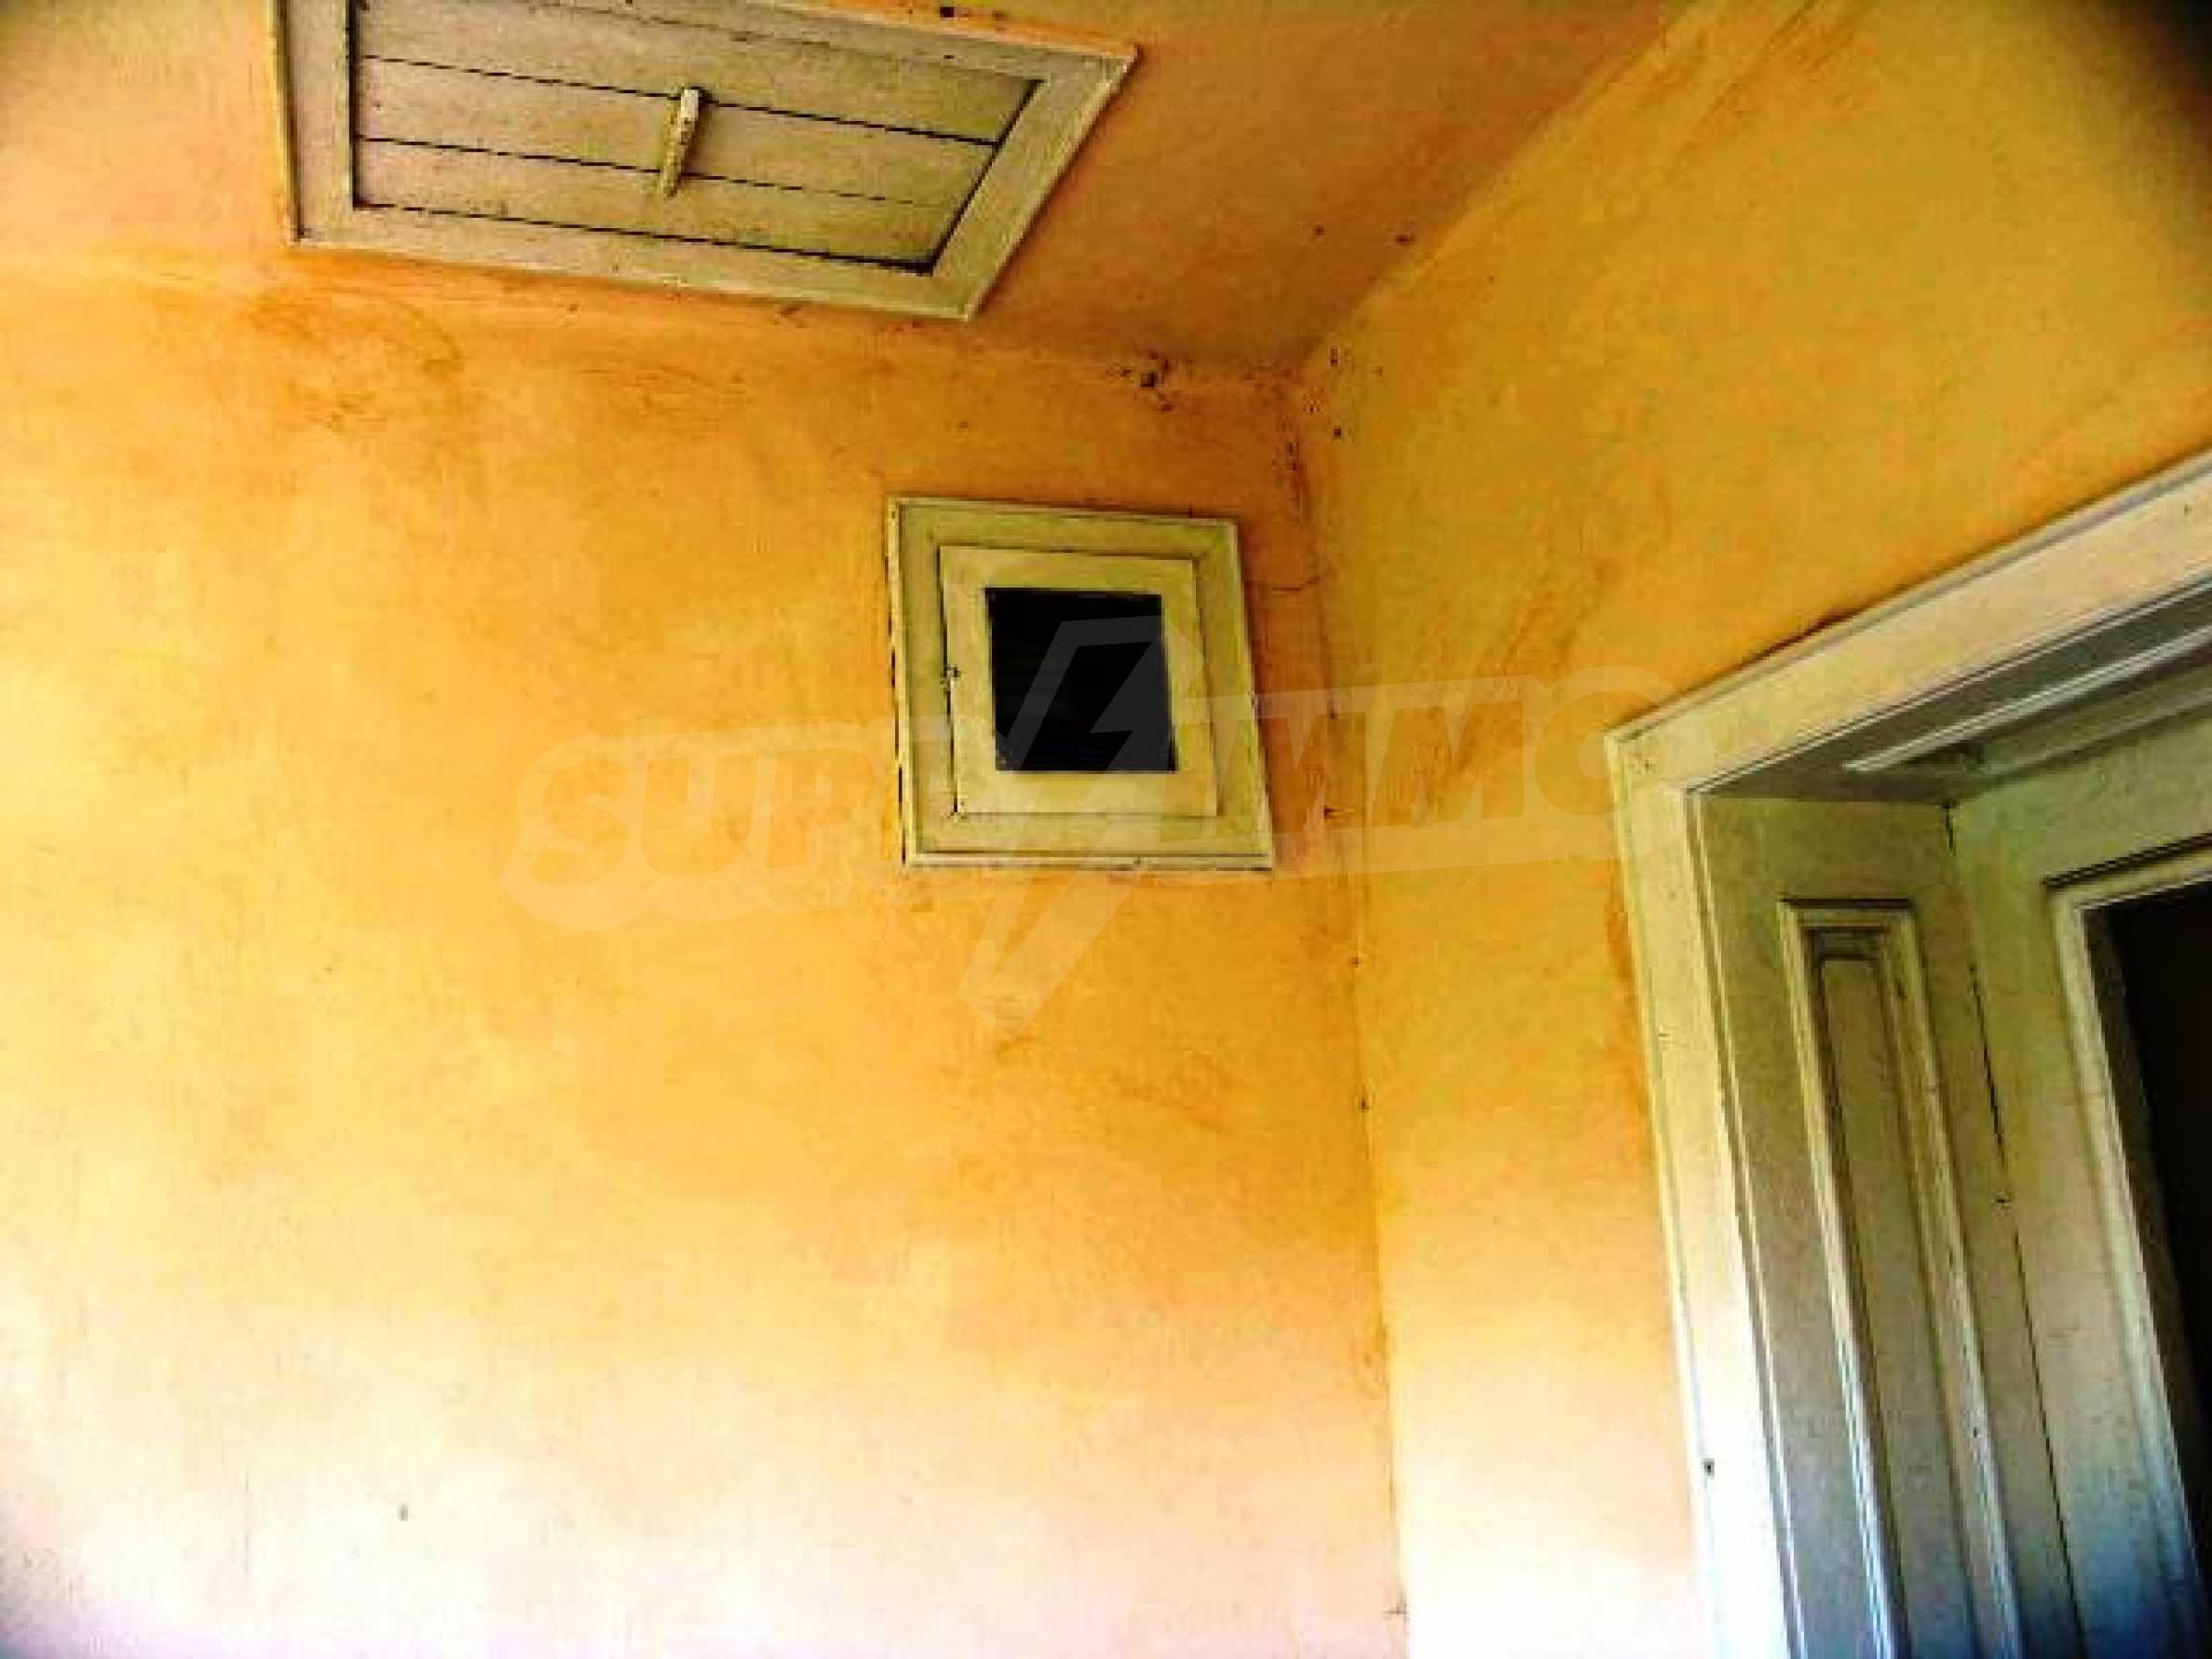 Къща за продажба близо до Варна 31